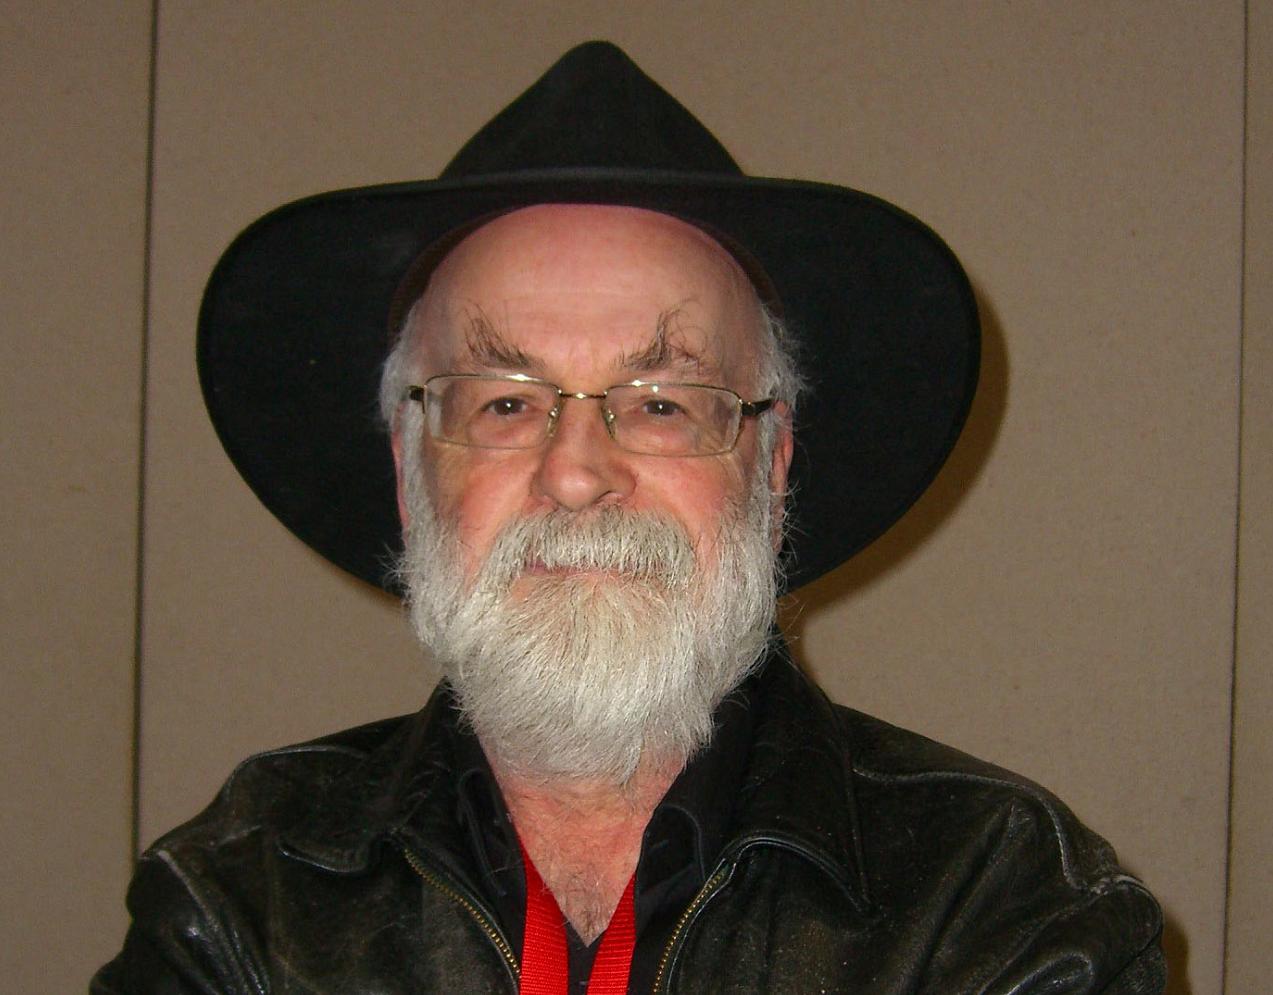 Úthengerrel semmisítették meg Terry Pratchett befejezetlen könyveit